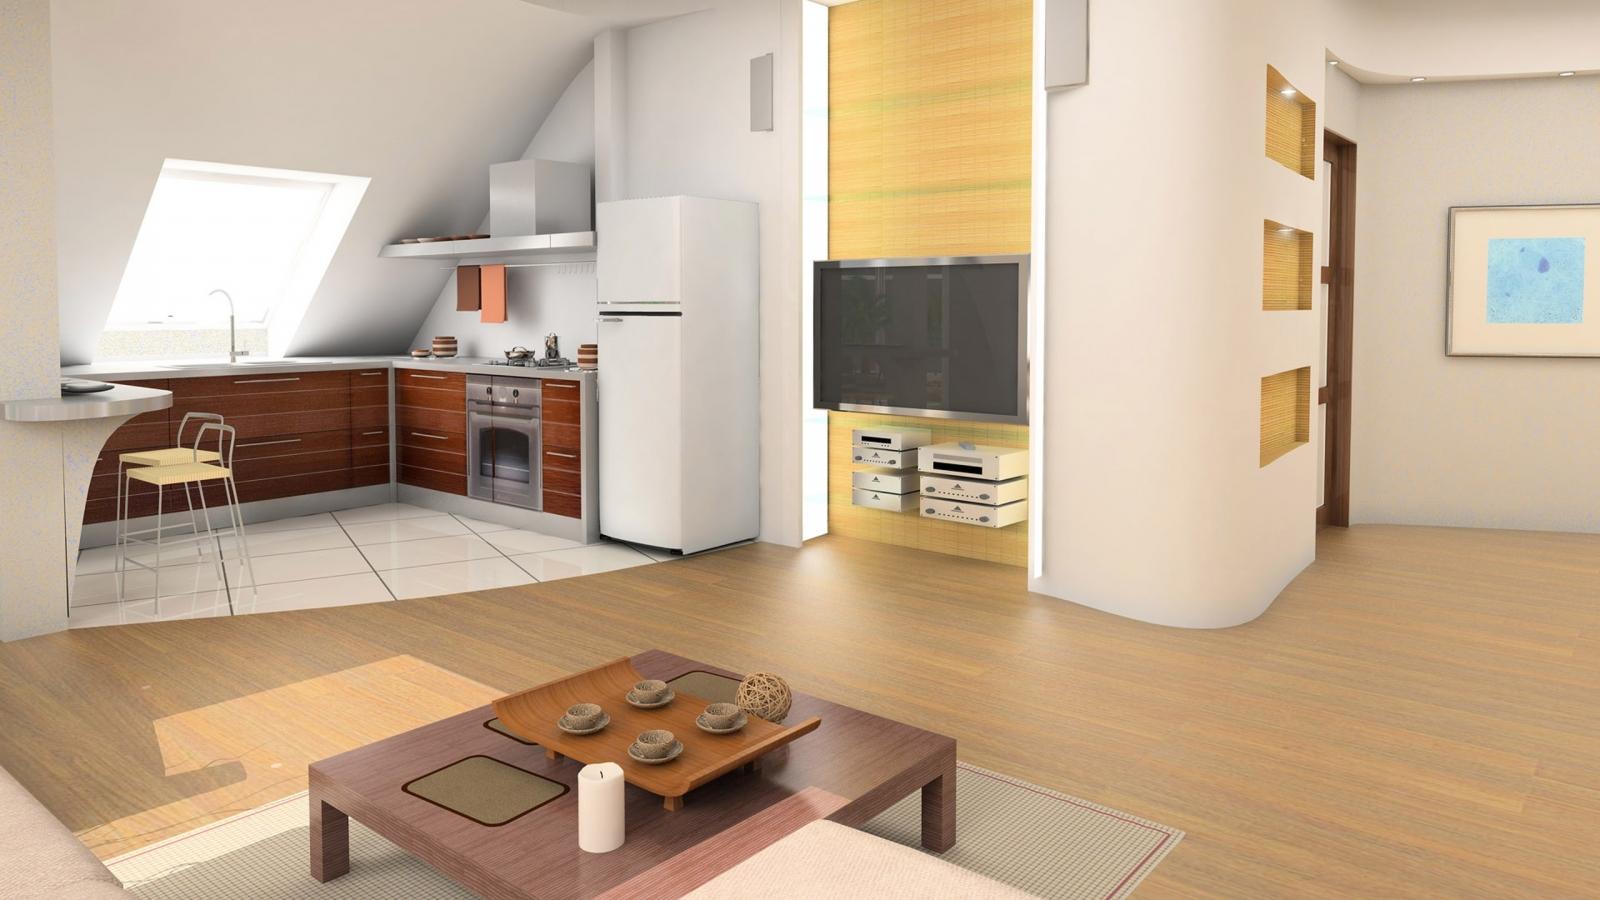 Dise o de una cocina hd 1600x900 imagenes wallpapers - Diseno de cocina ...